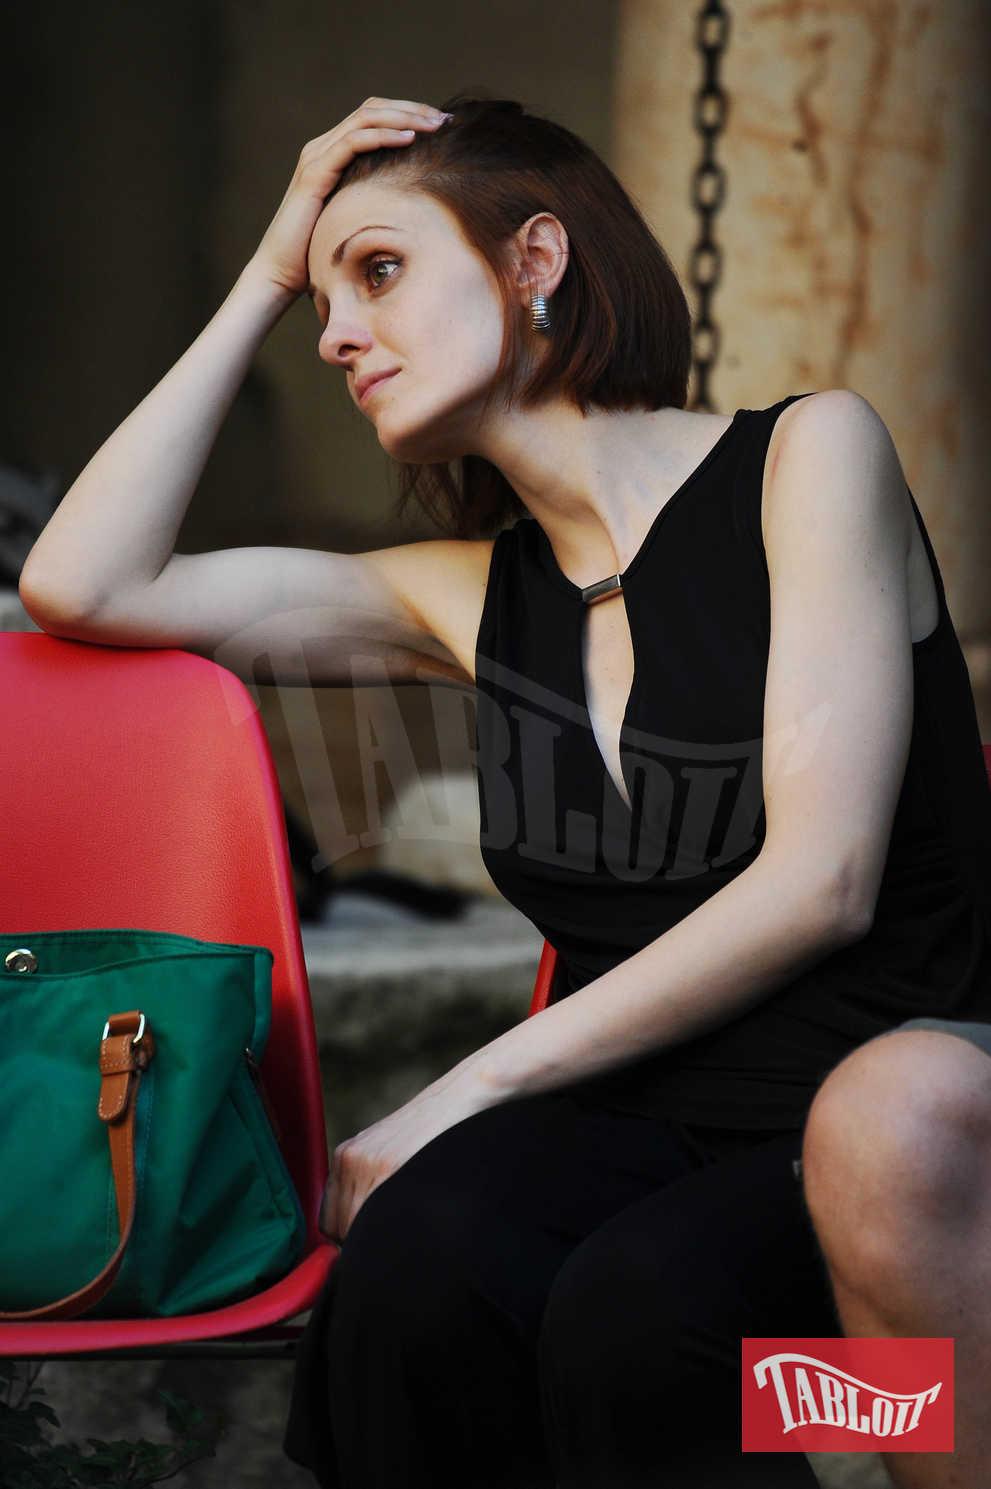 """Federica è un'attrice e aspirante cantante: nel 2016 ha partecipato come concorrente al talent show """"The Voice of Italy"""" nel team di Raffaella Carrà, ma viene eliminata durante la fase delle Battles"""